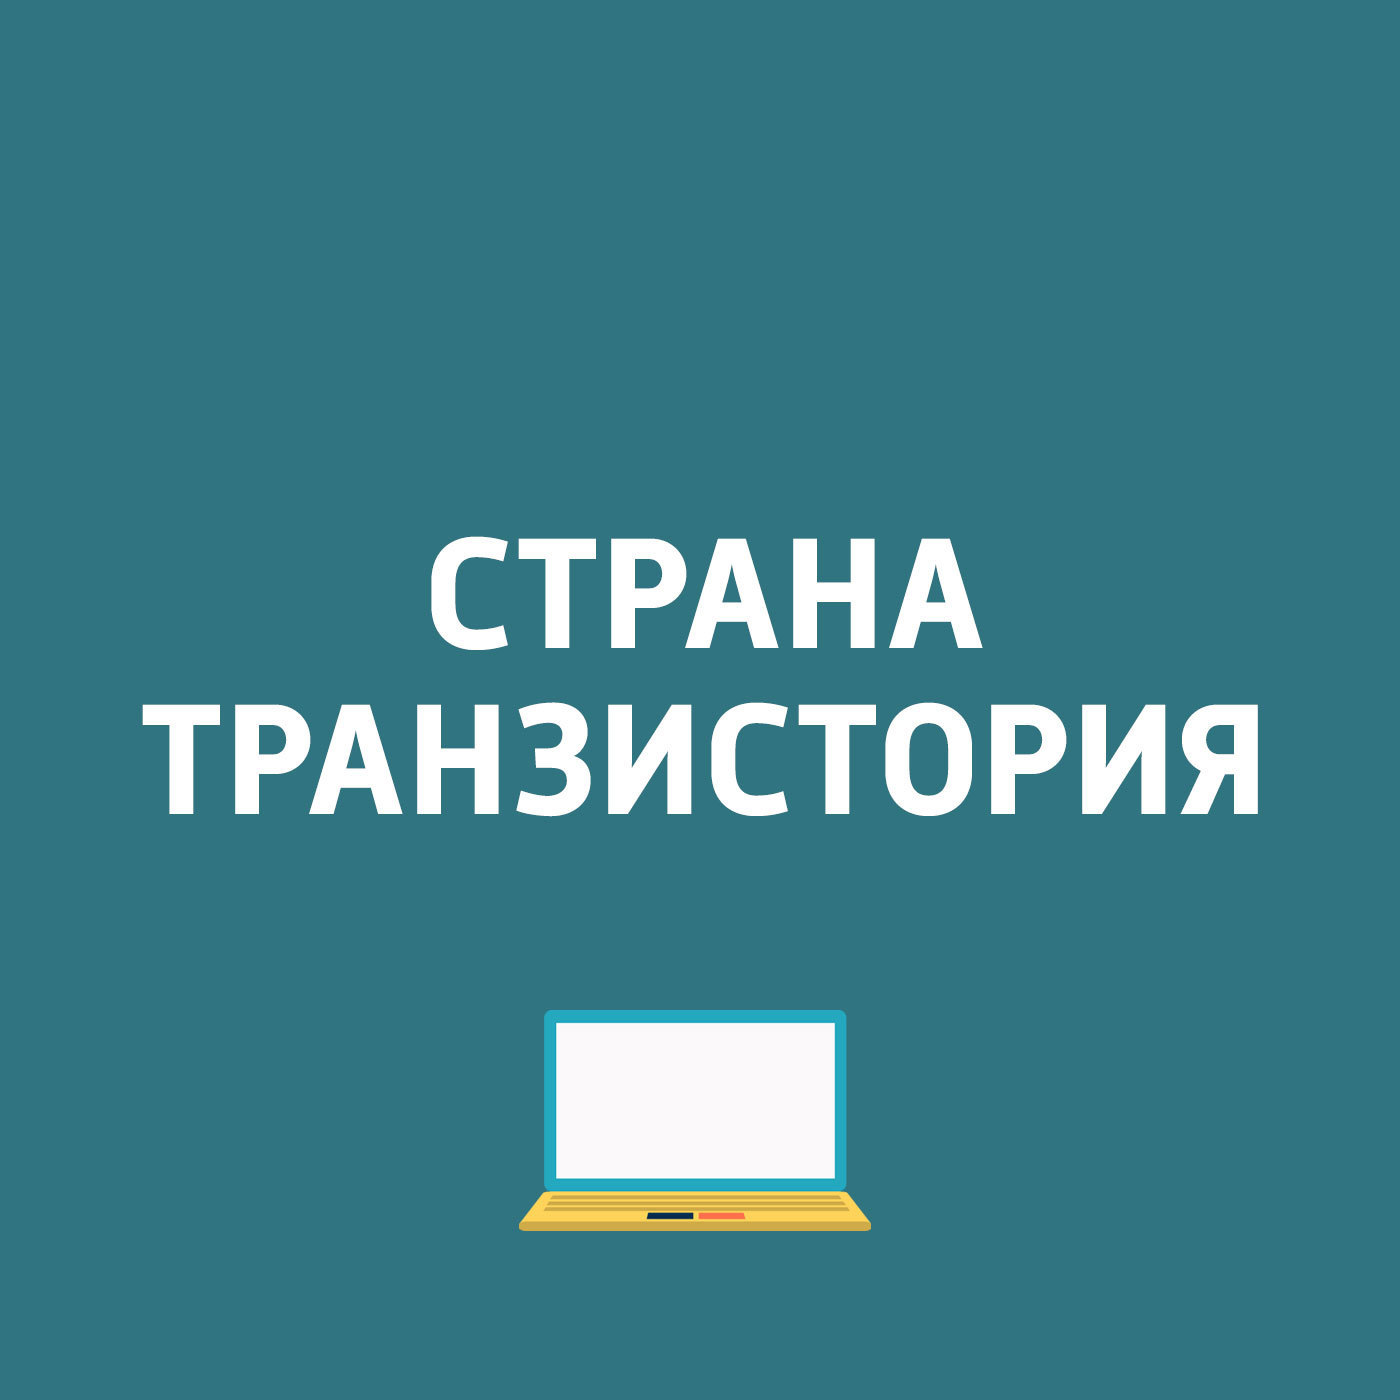 Картаев Павел Компания Apple начала продажи нового планшета iPad Pro в России jd коллекция тонкая мягкая оболочка прозрачная huawei mate 10 pro